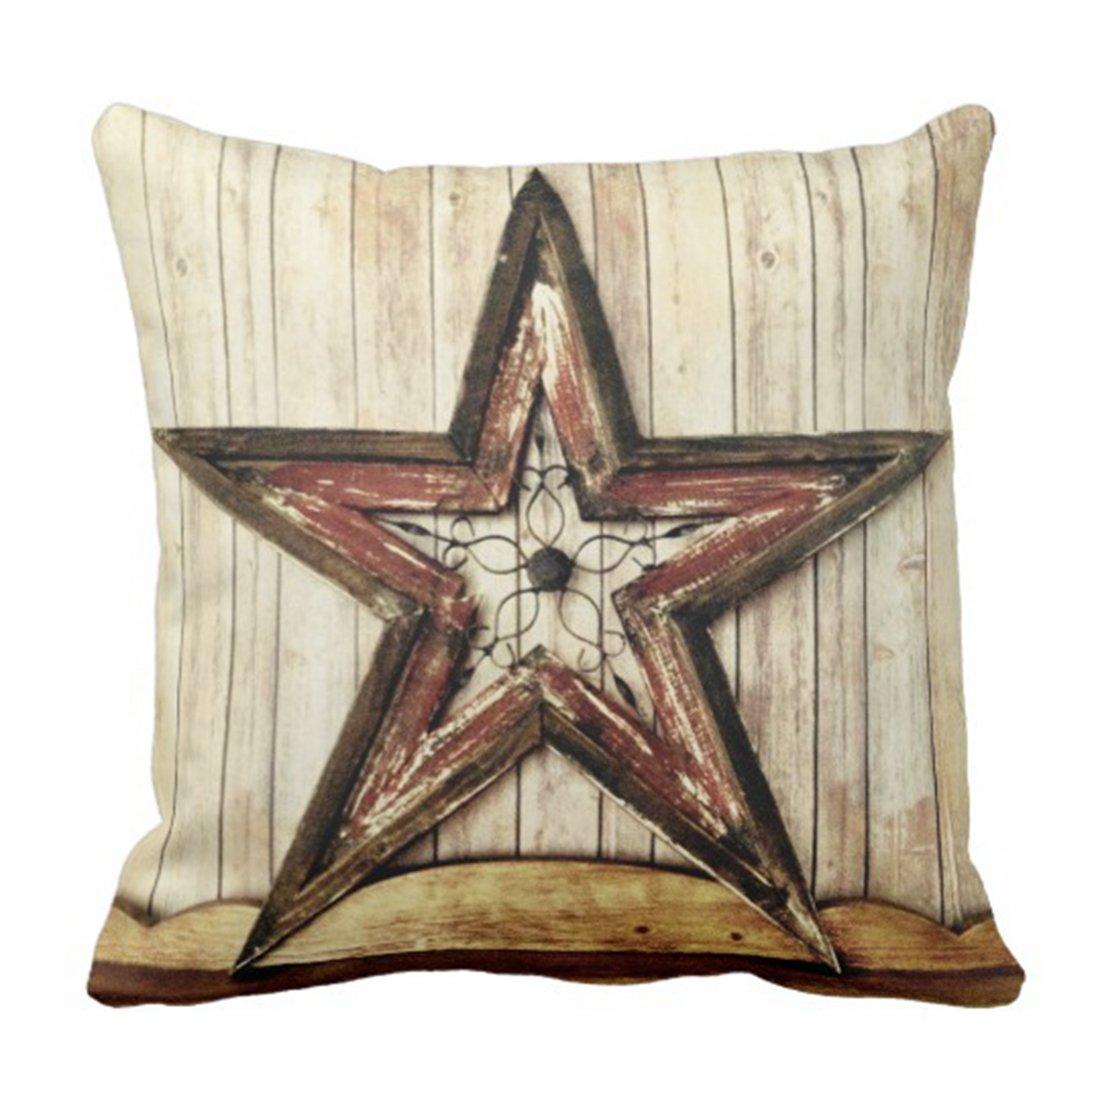 emvencyスロー枕カバー素朴なCountry Western Starバーン木製装飾枕ケースホーム装飾スクエアクッション枕 20 x 20 inch ホワイト 20 x 20 inch  B0776RYJ9B